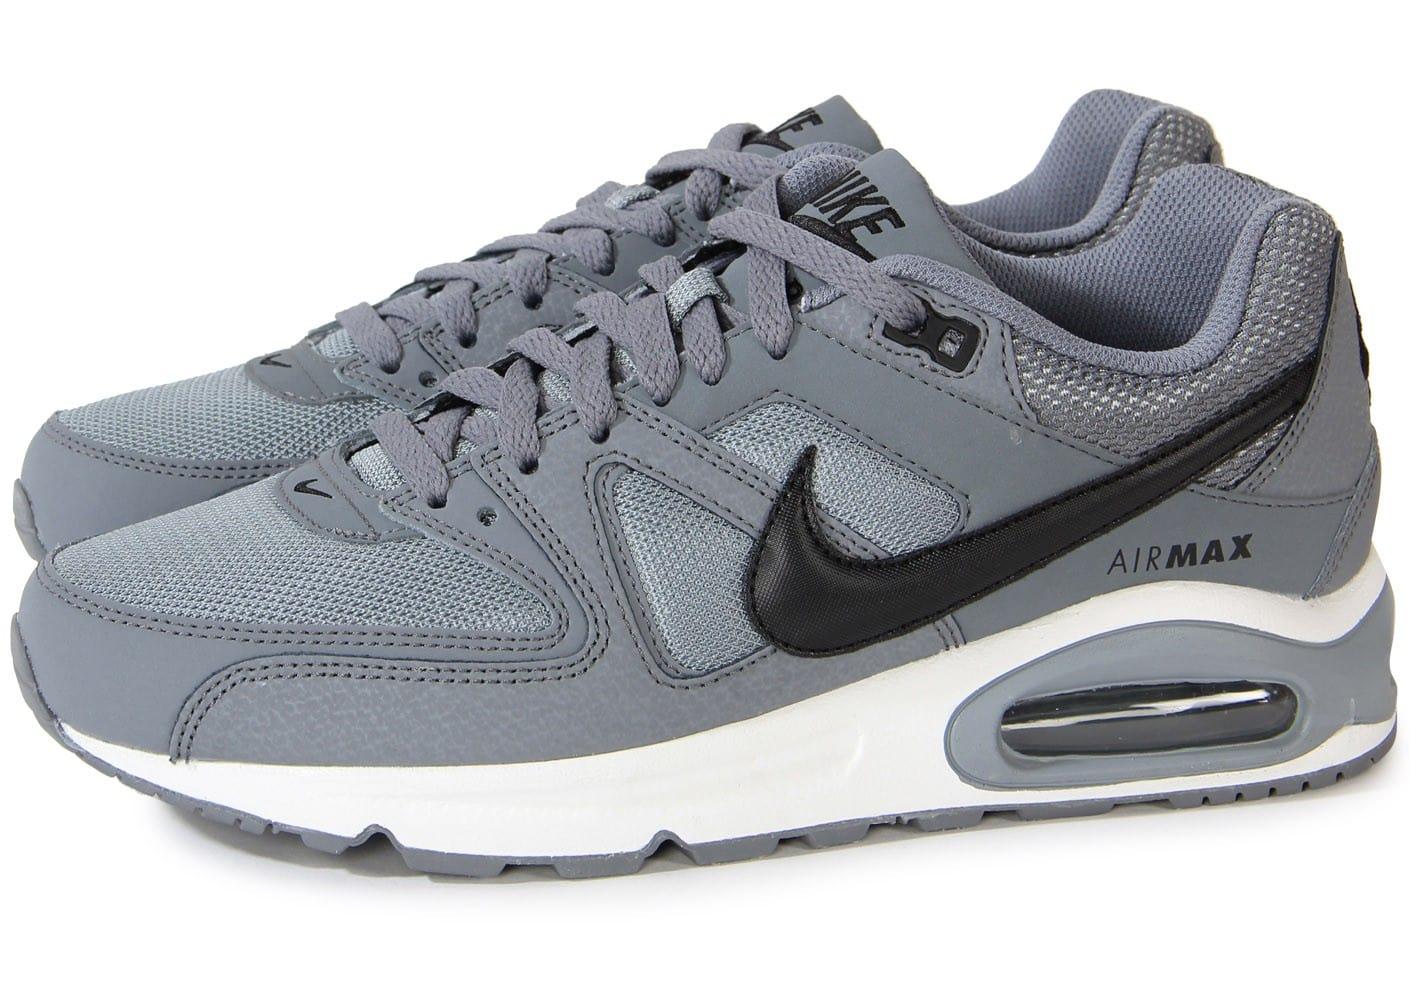 Nike Homme Pas Modèlesles Chaussures Cher Nombreux Command Max Air fq54xnxAwZ